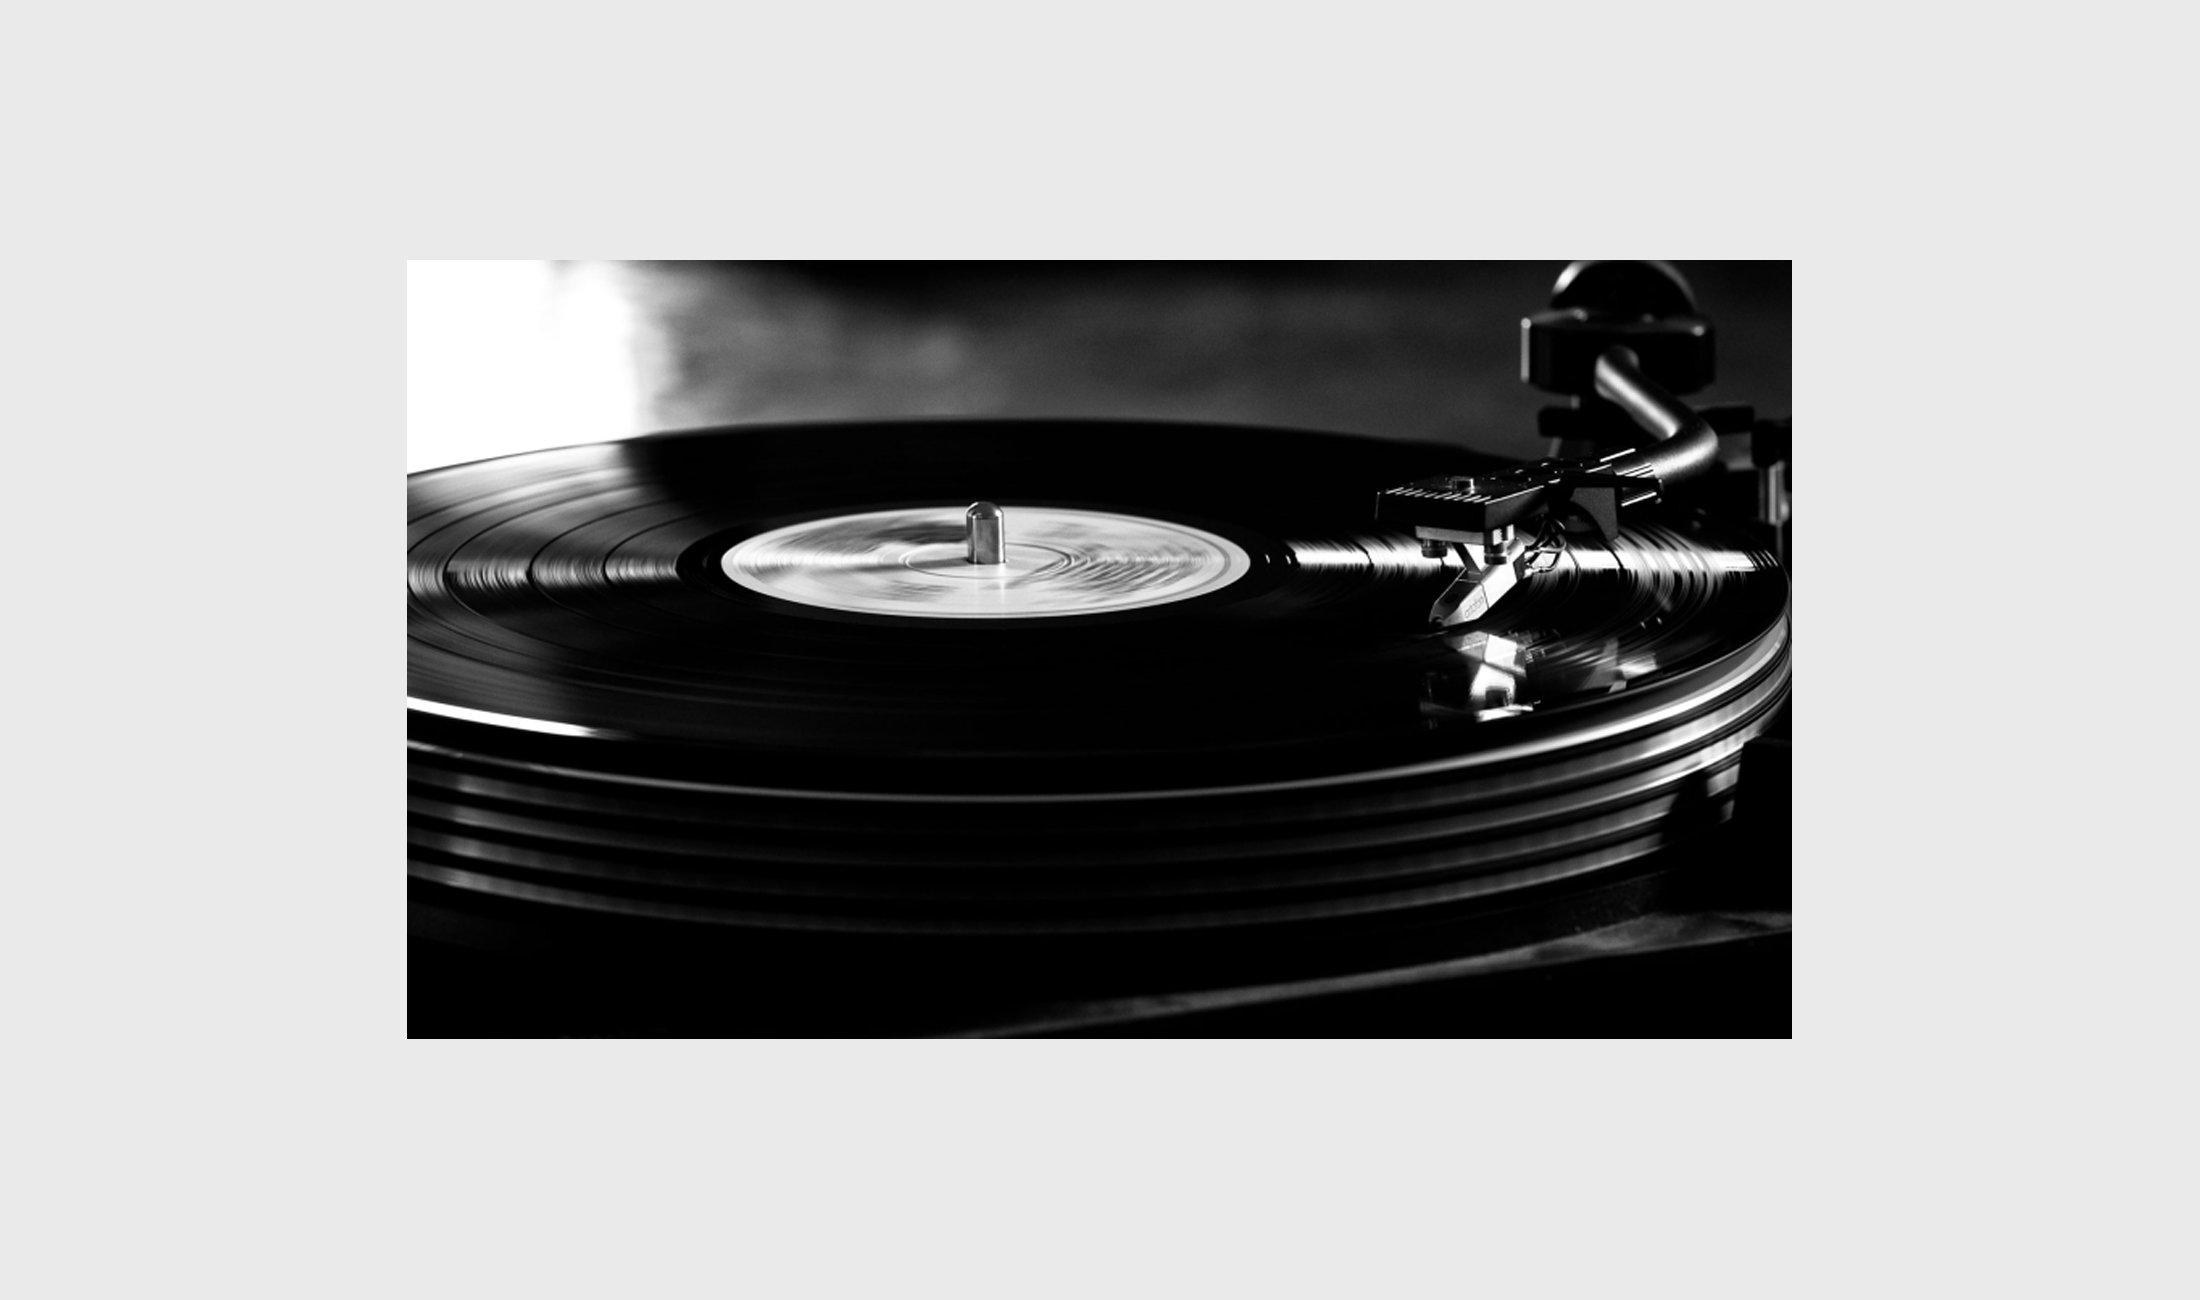 Schallplatten in High-End-Qualität